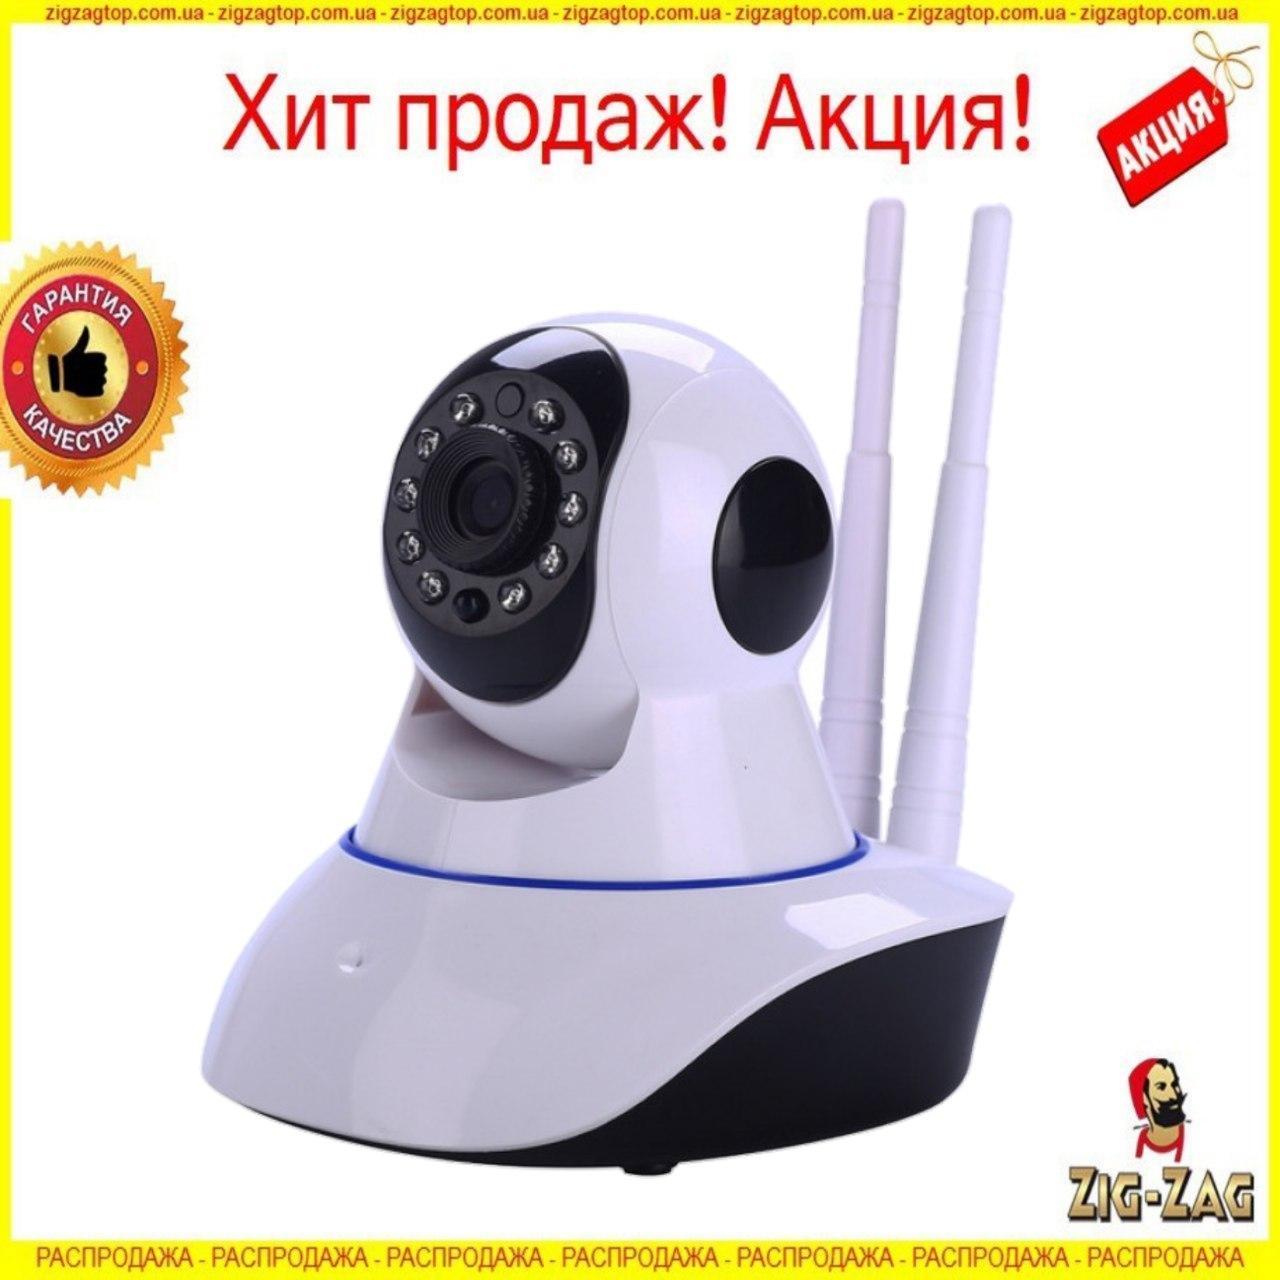 Бездротова IP Камера Q5 відеоспостереження WI-FI Камера онлайн Поворотна із Записом Нічне Бачення вай фай NEW!